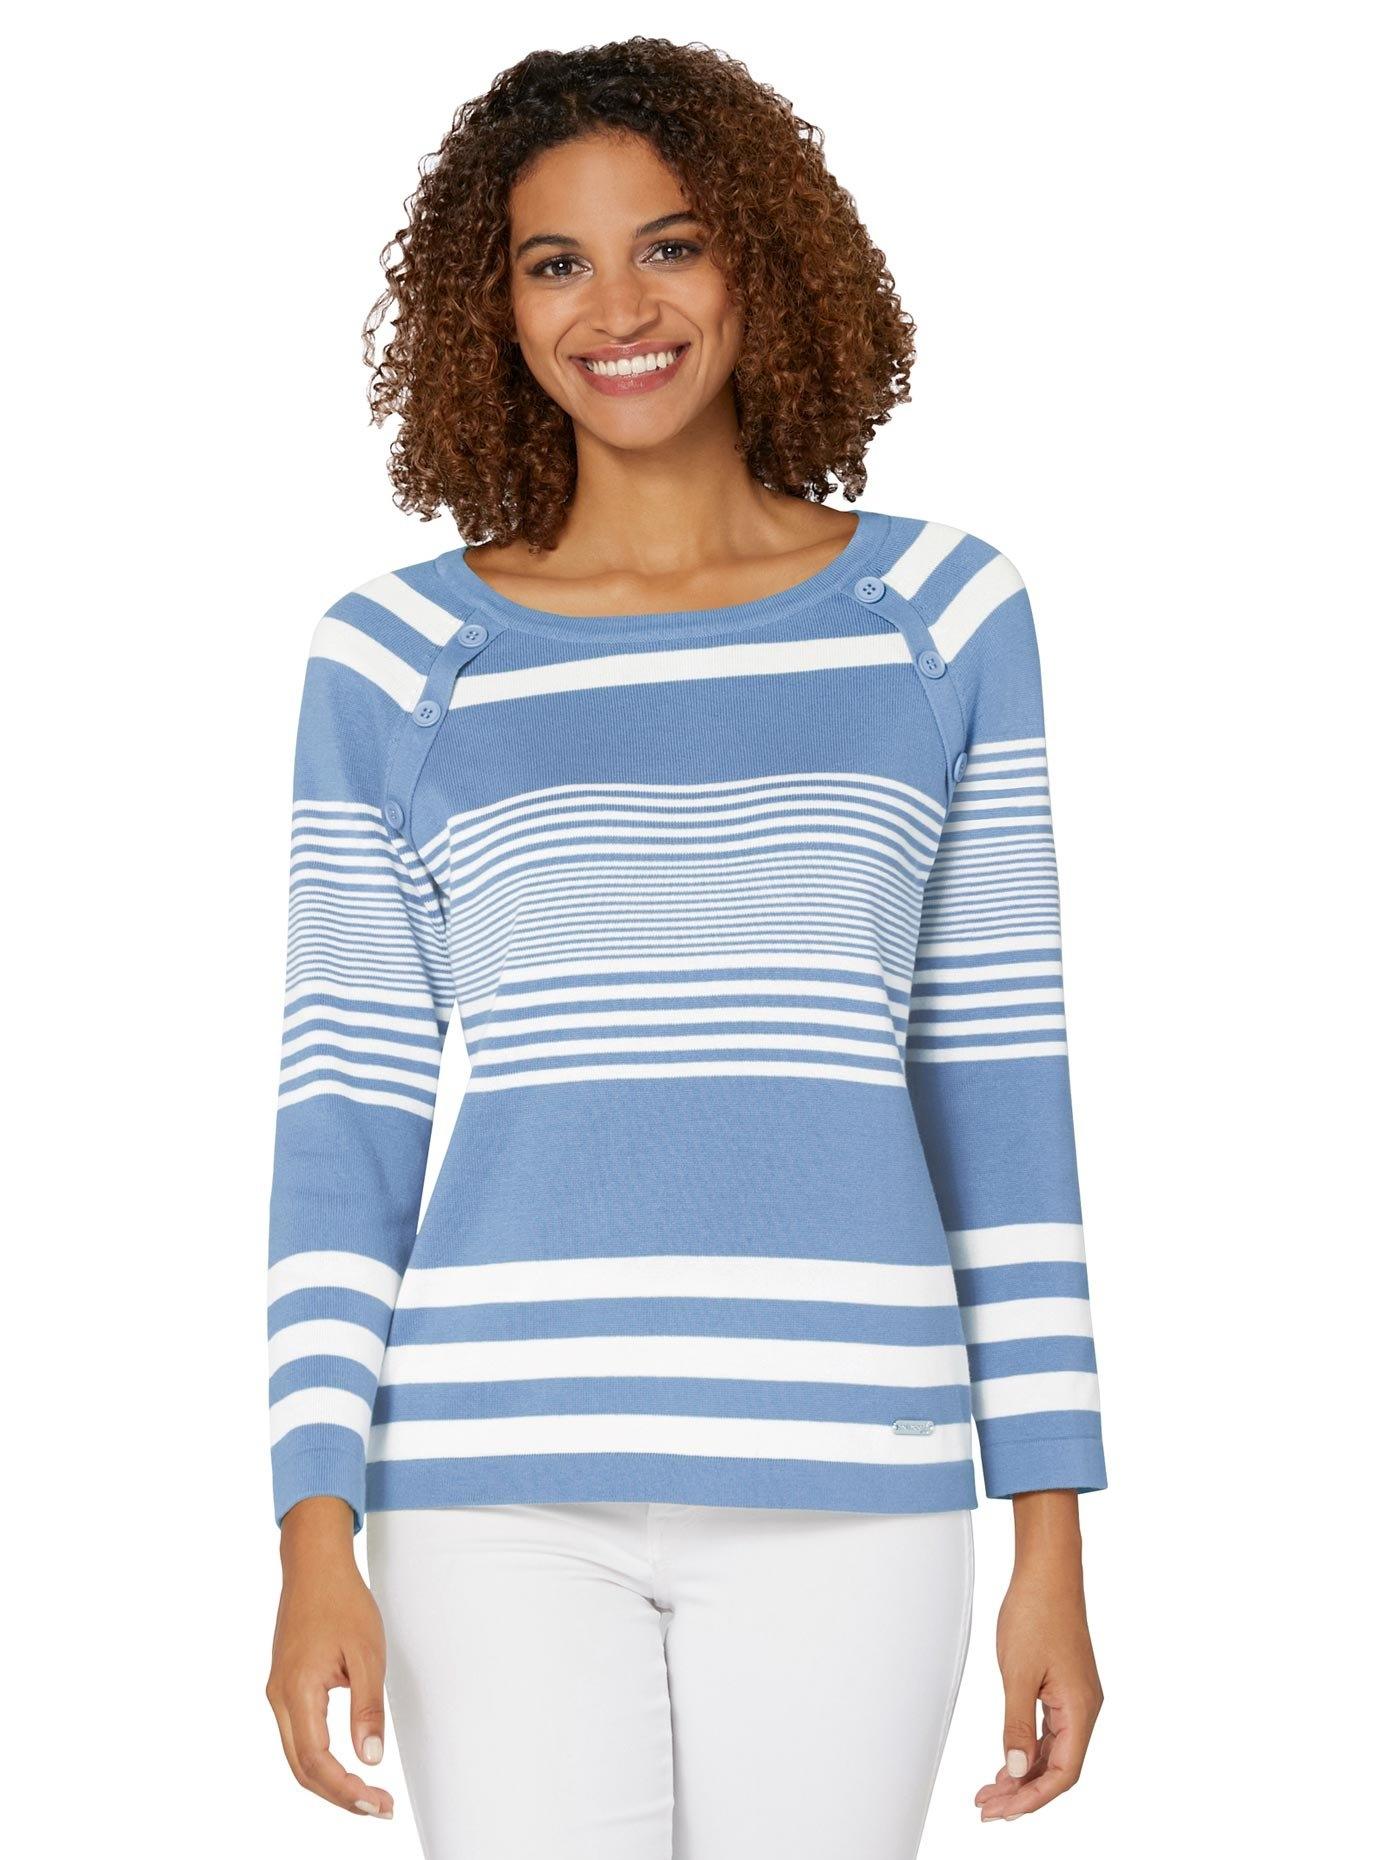 Op zoek naar een Casual Looks gestreepte trui Trui? Koop online bij OTTO